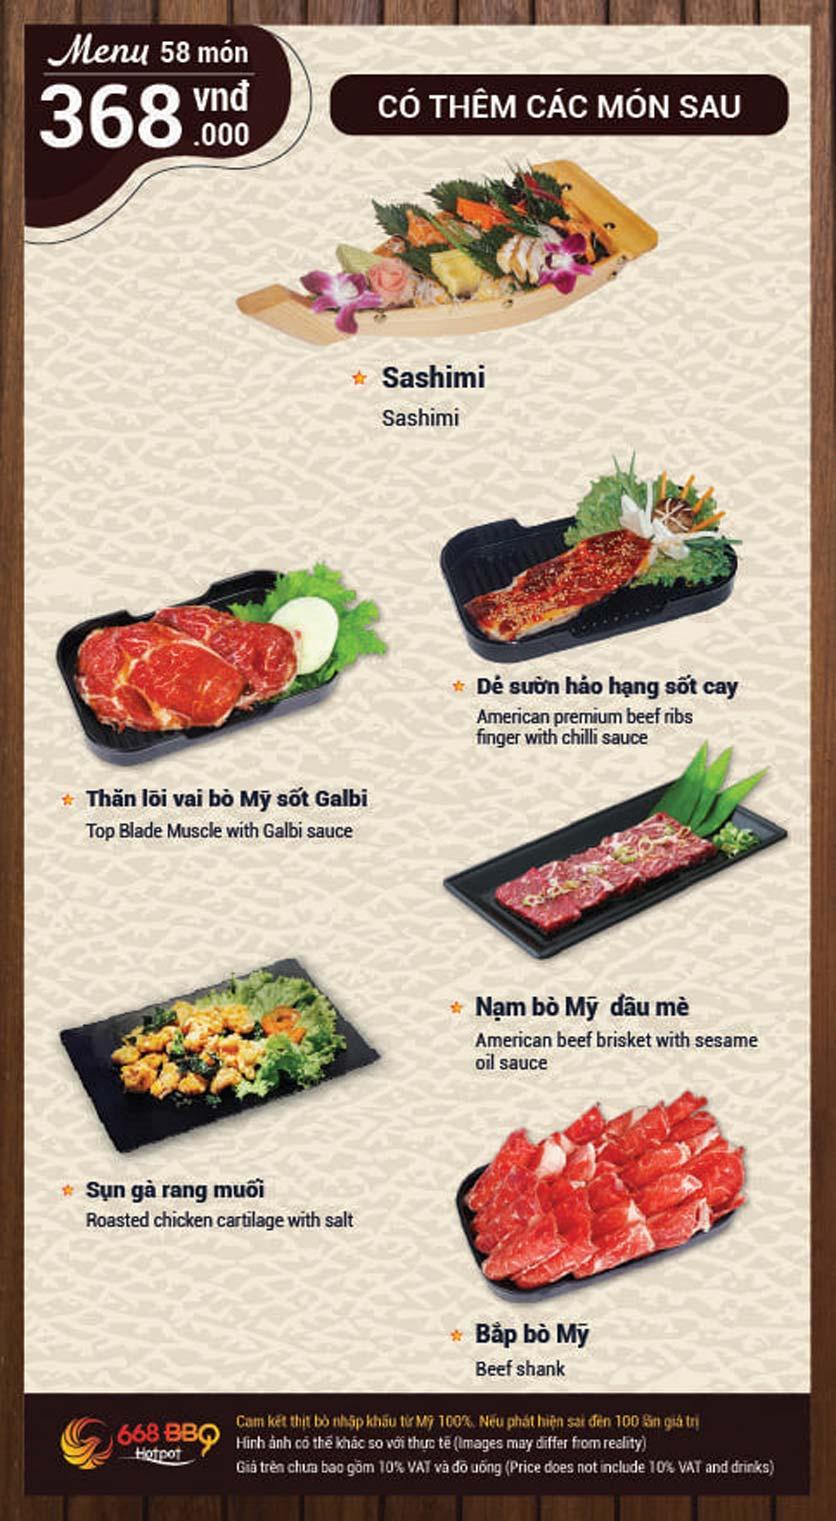 Menu 668 BBQ & hotpot - Lê Văn Lương 10